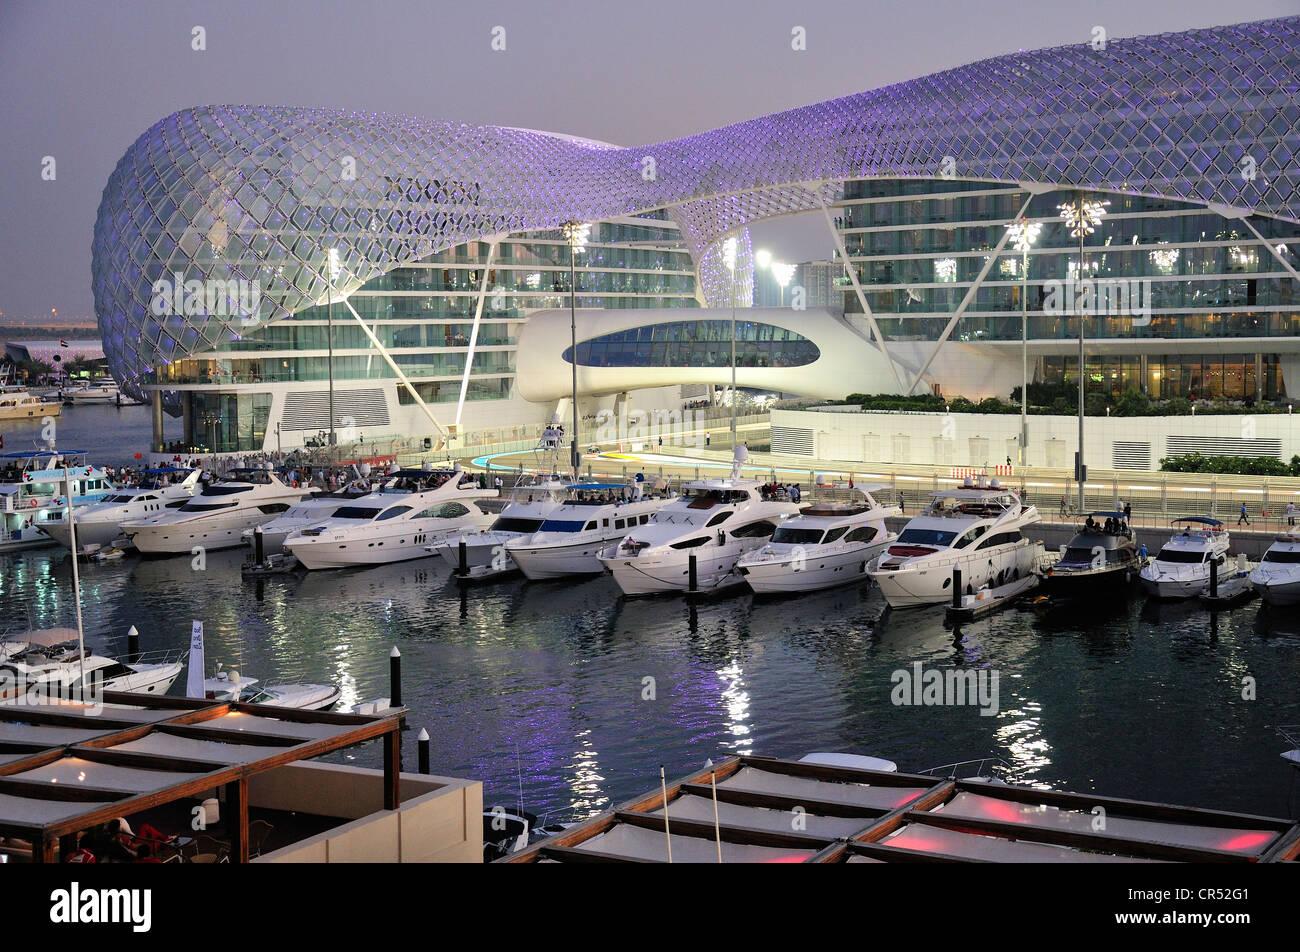 Circuito Yas Marina : Yas hotel and marina en la pista de fórmula uno en el circuito yas